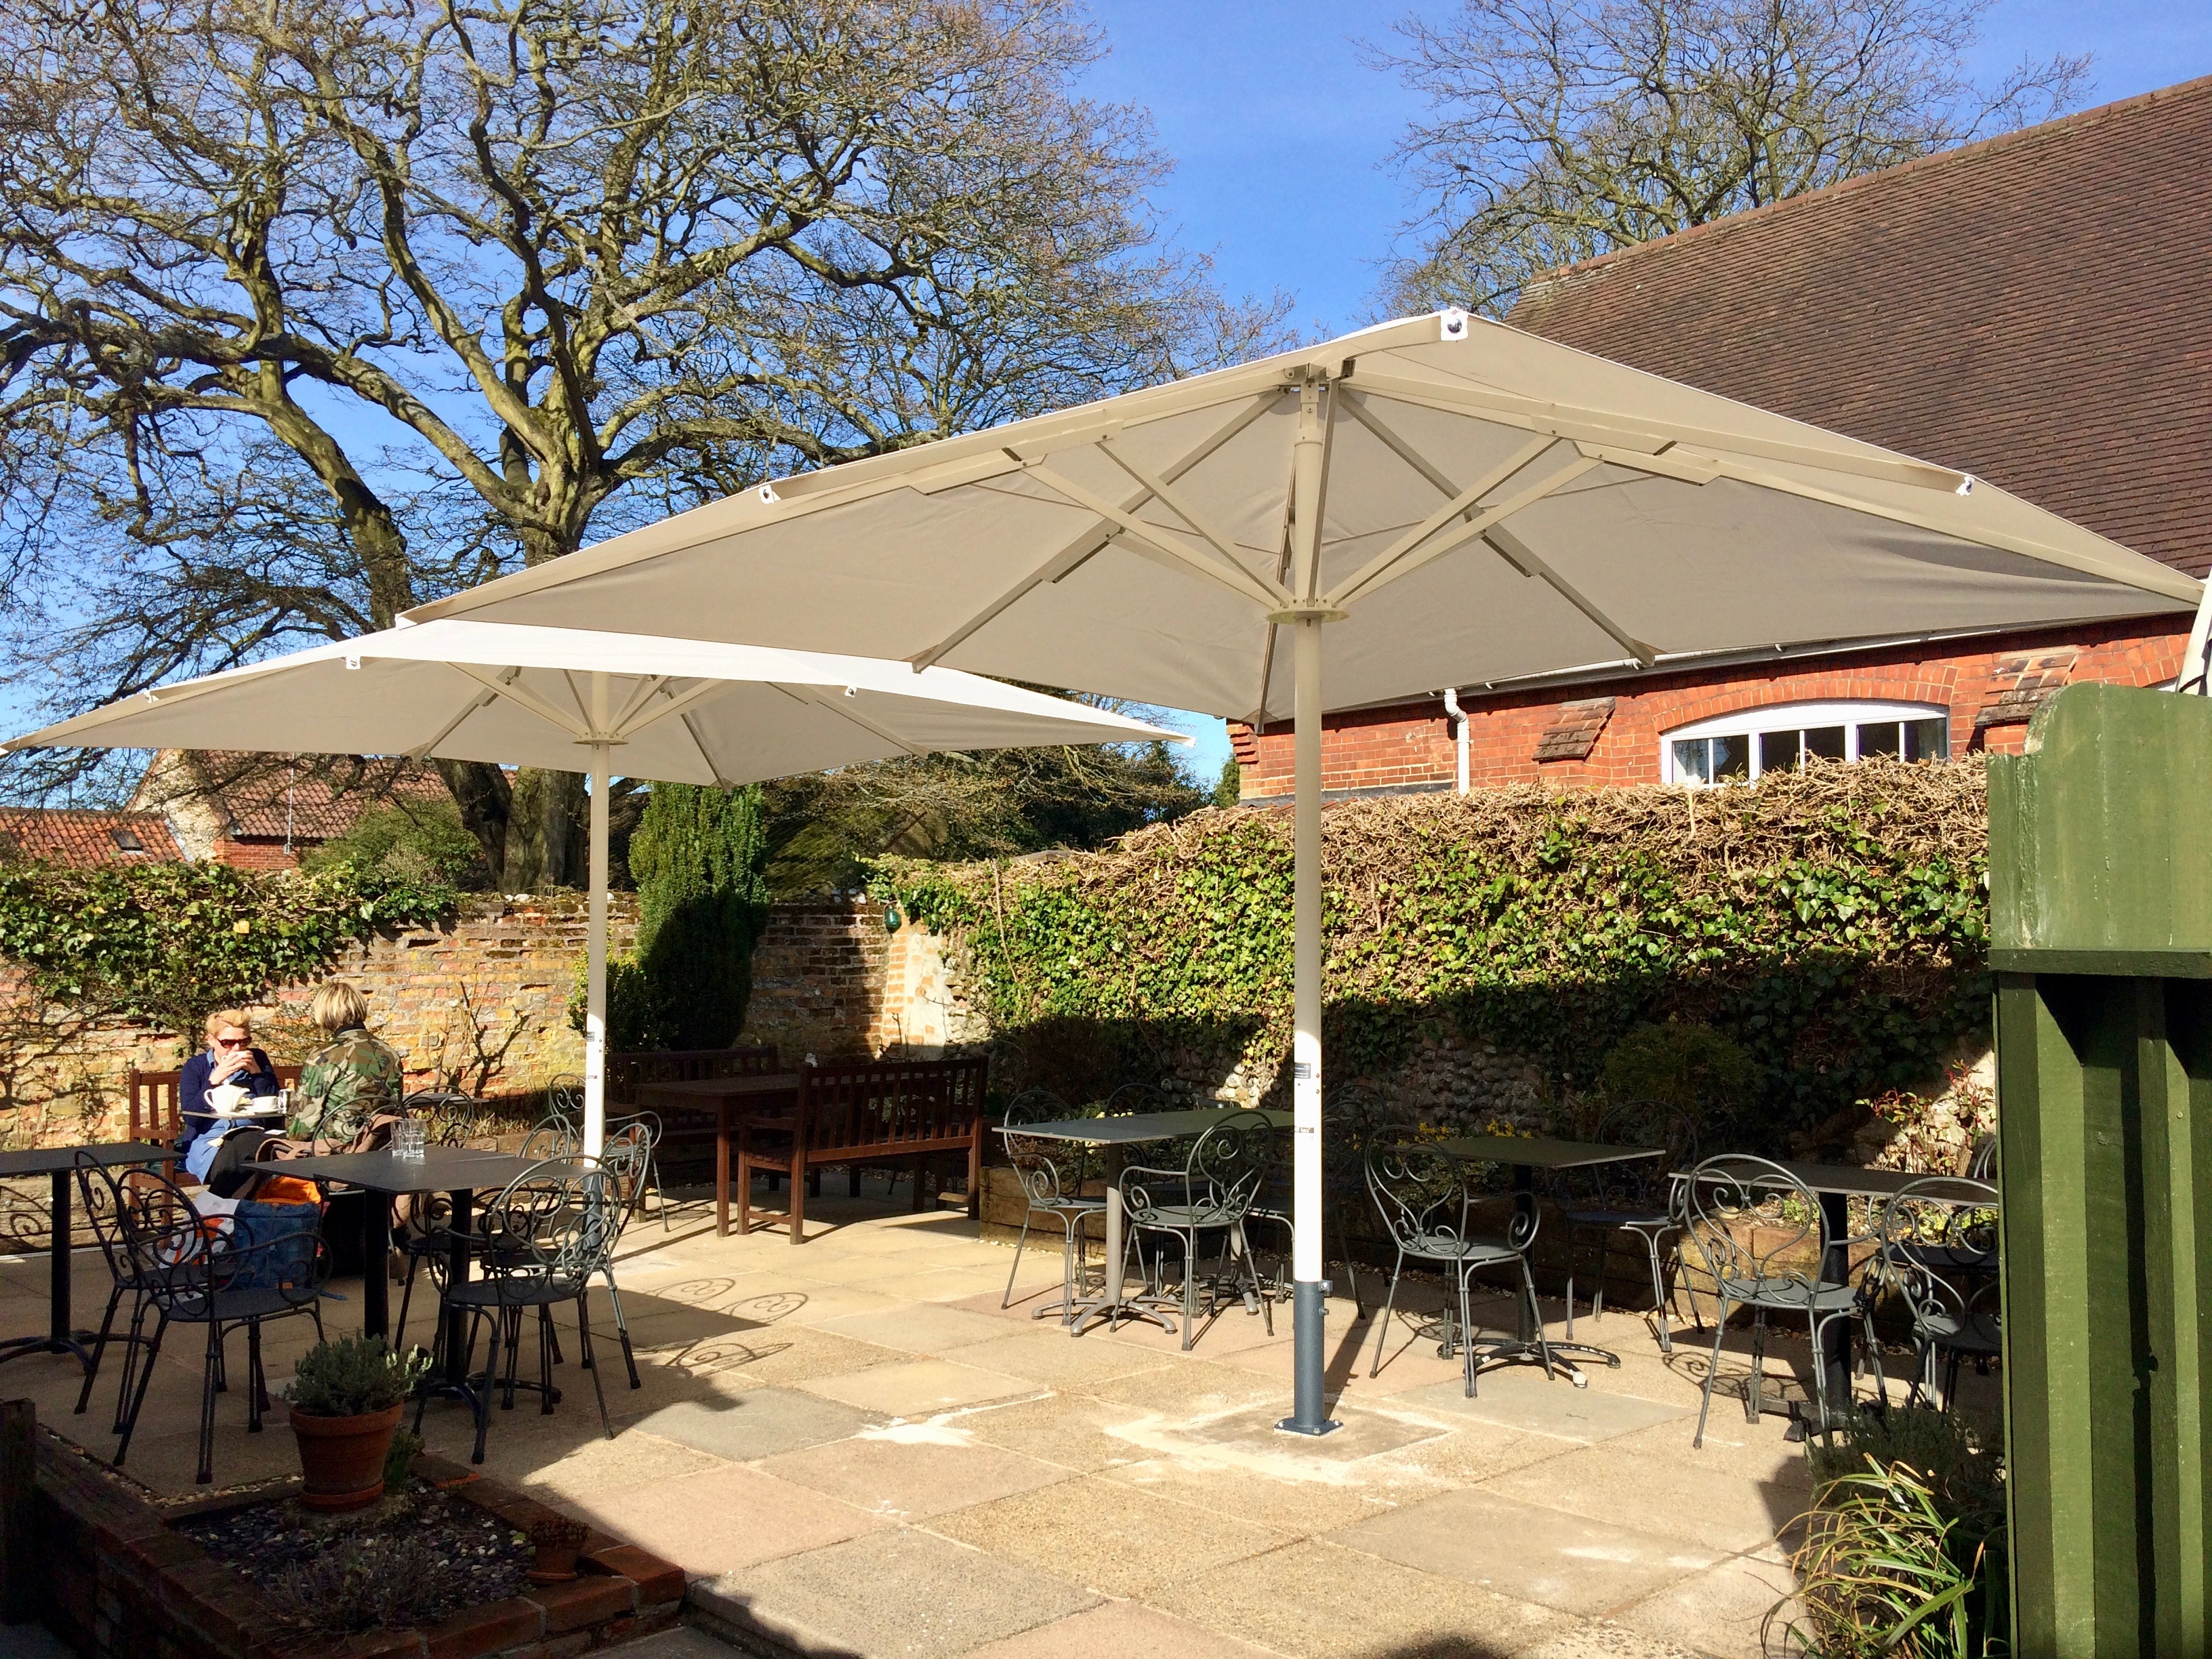 Large Cafe Garden Umbrella